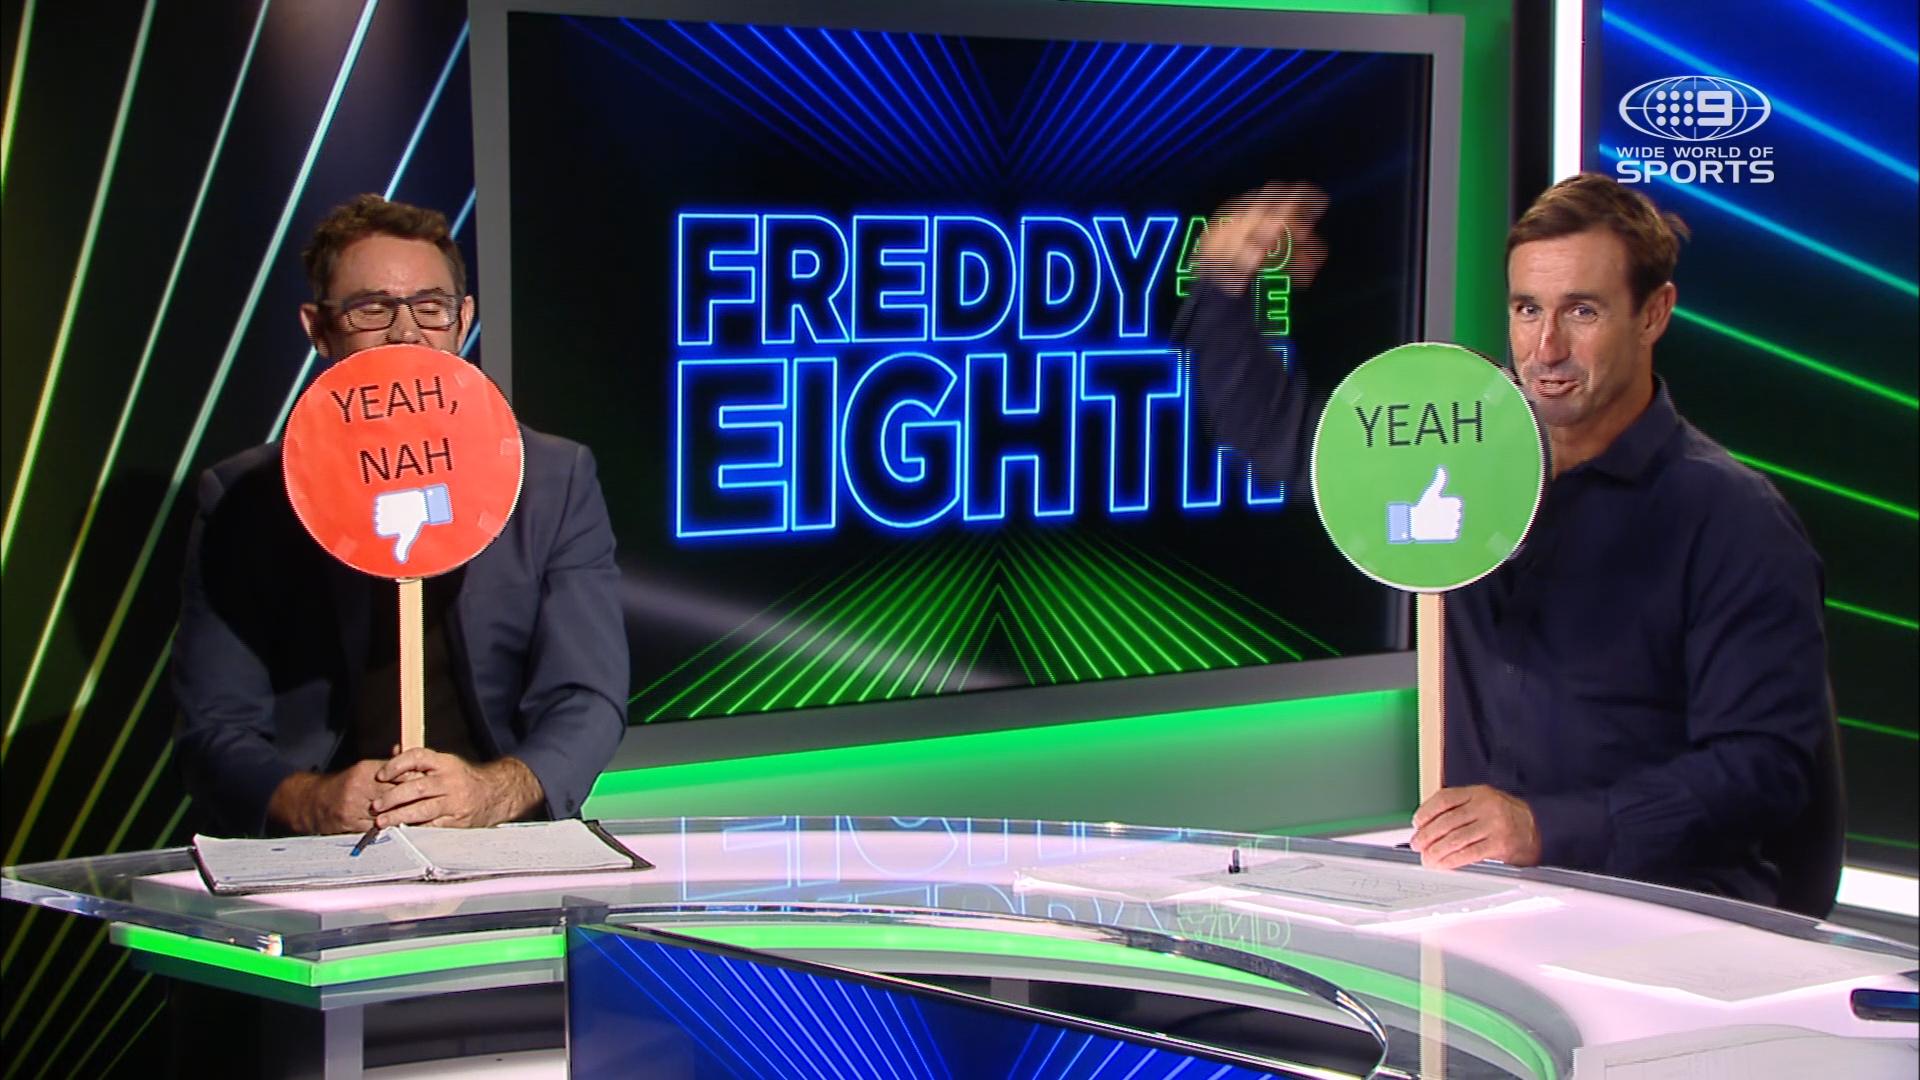 Freddy & The Eighth: Round 4